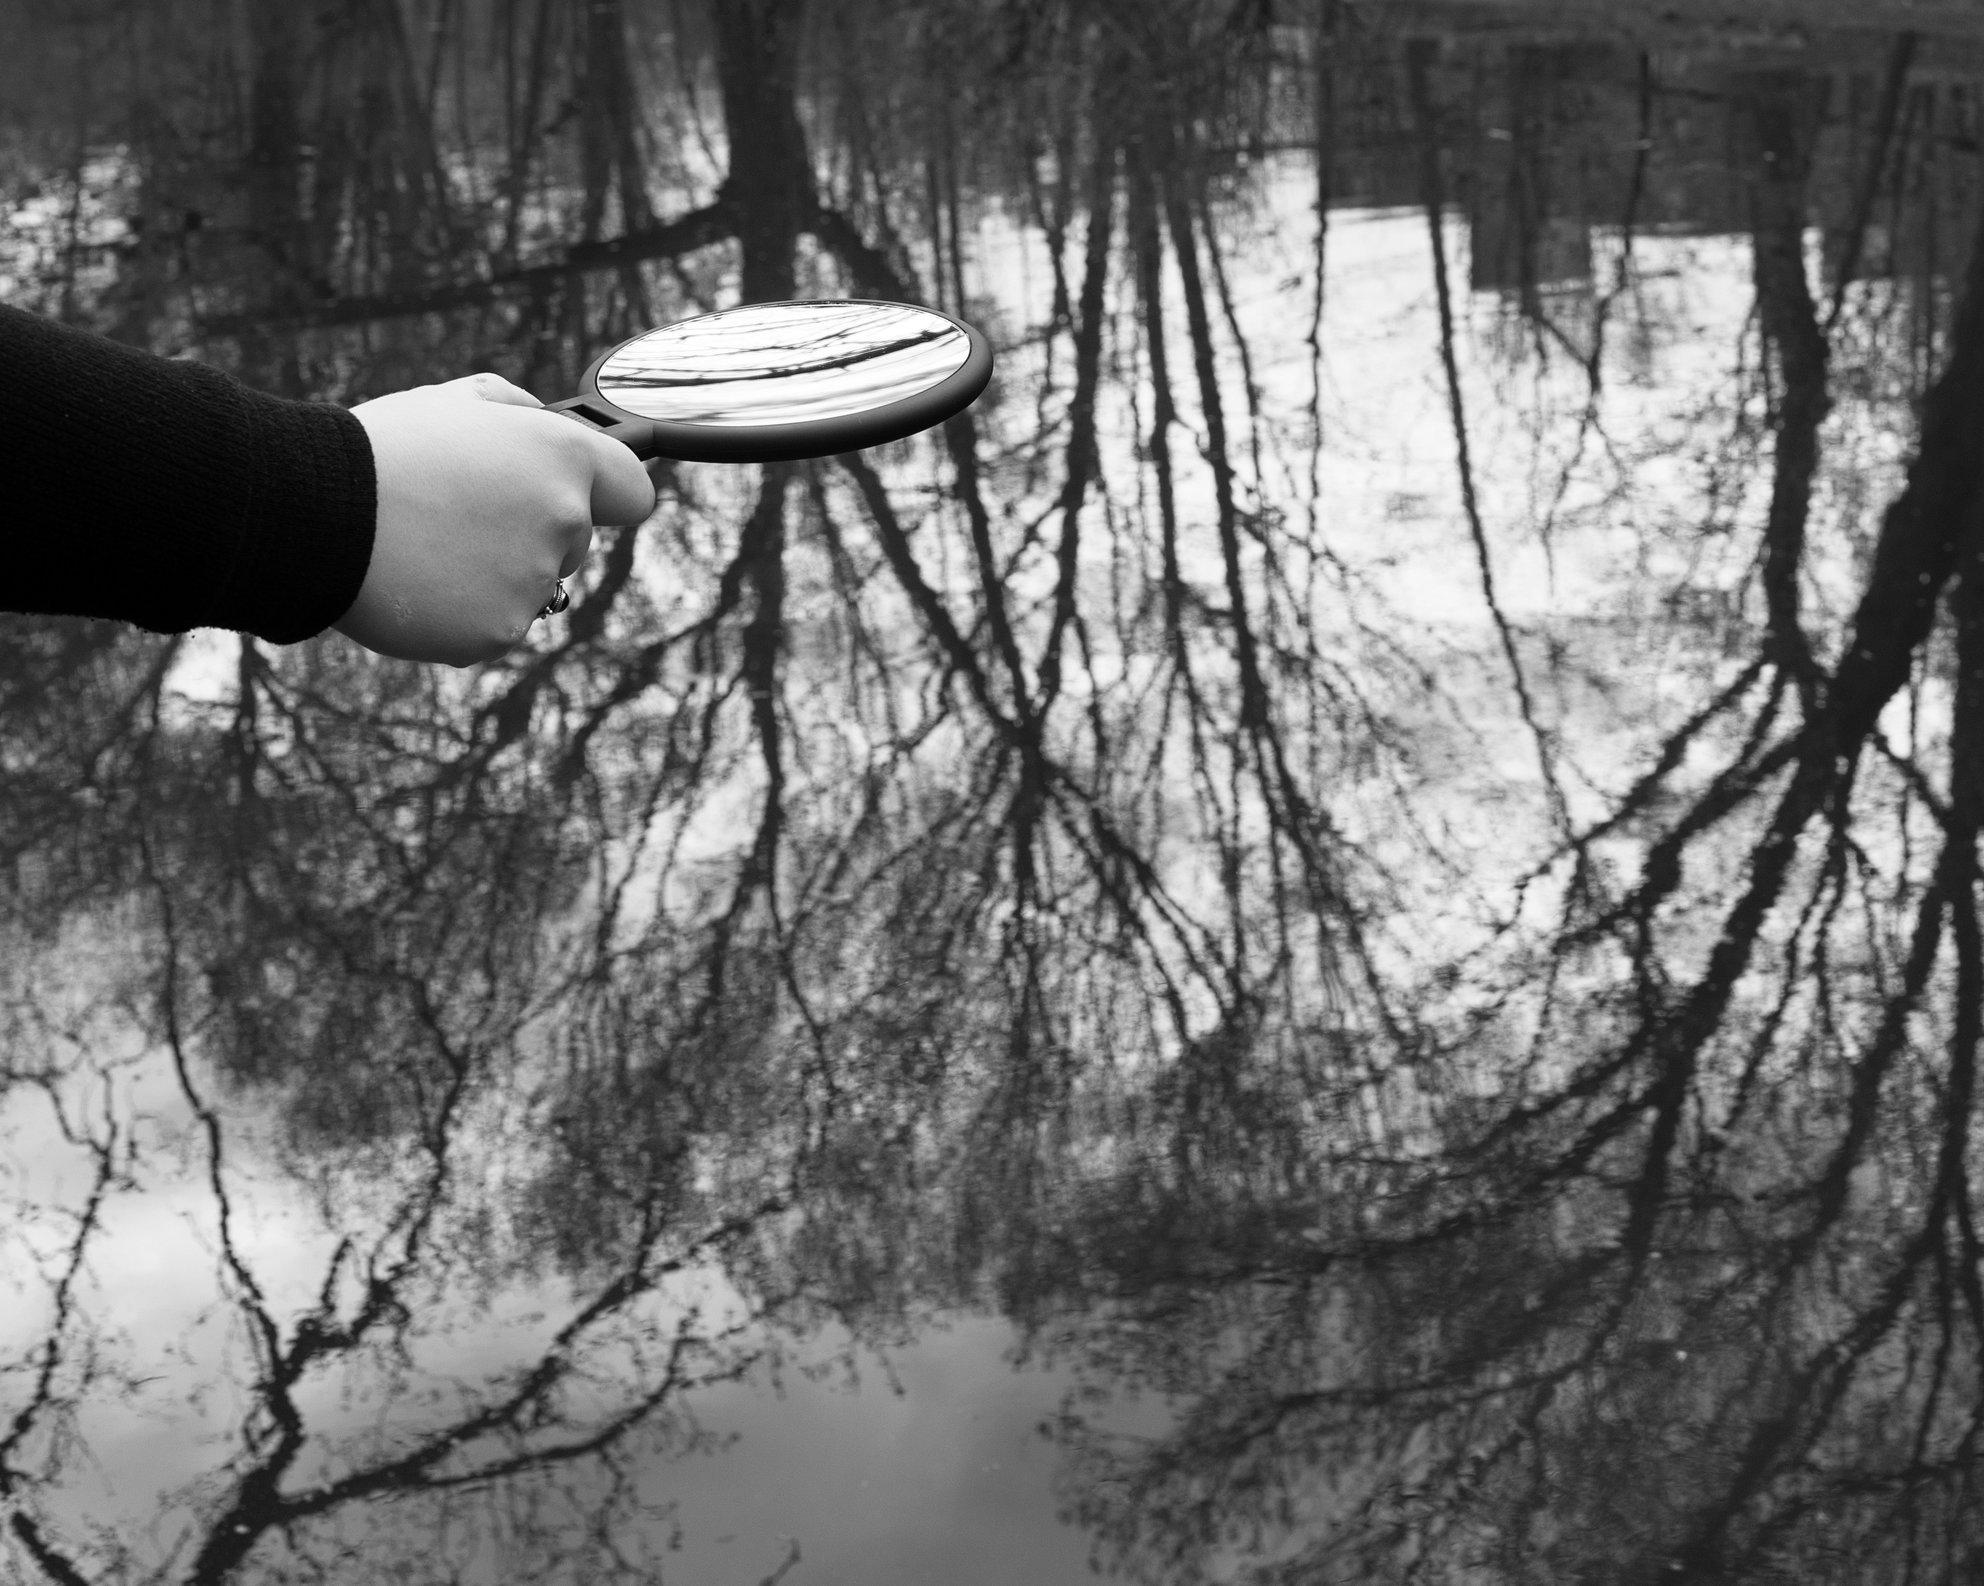 mirrorwaterBW2.jpg